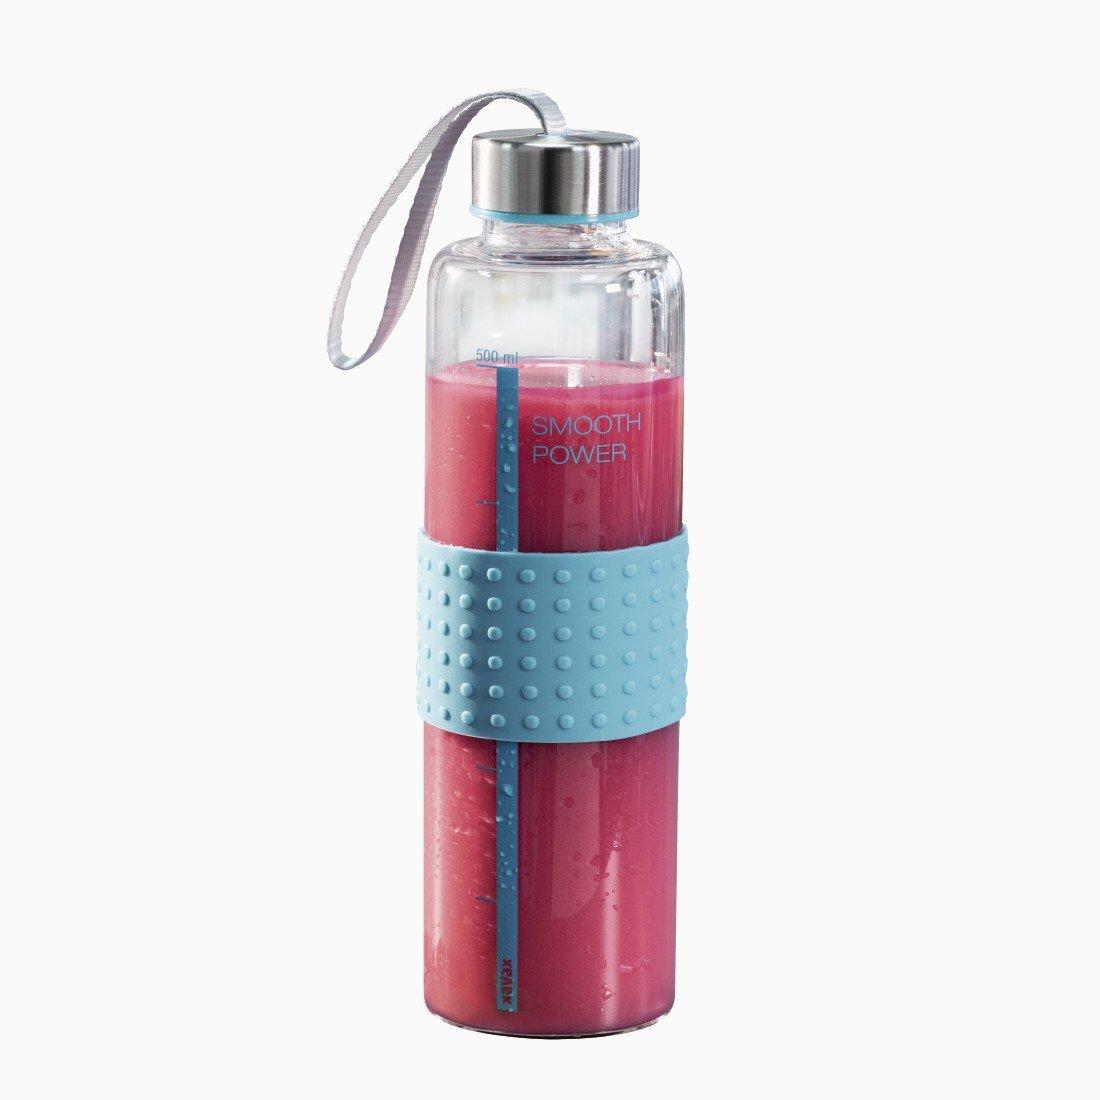 """Xavax Glas-Trinkflasche """"Smooth Power"""", 0,5l (Glasflasche aus Borosilikat, auslaufsicher, mit Schraubverschluss, Mengen-Markierung, Trageschlaufe; spülmaschinengeeignet) Glas Wasserflasche türkis 00111599"""